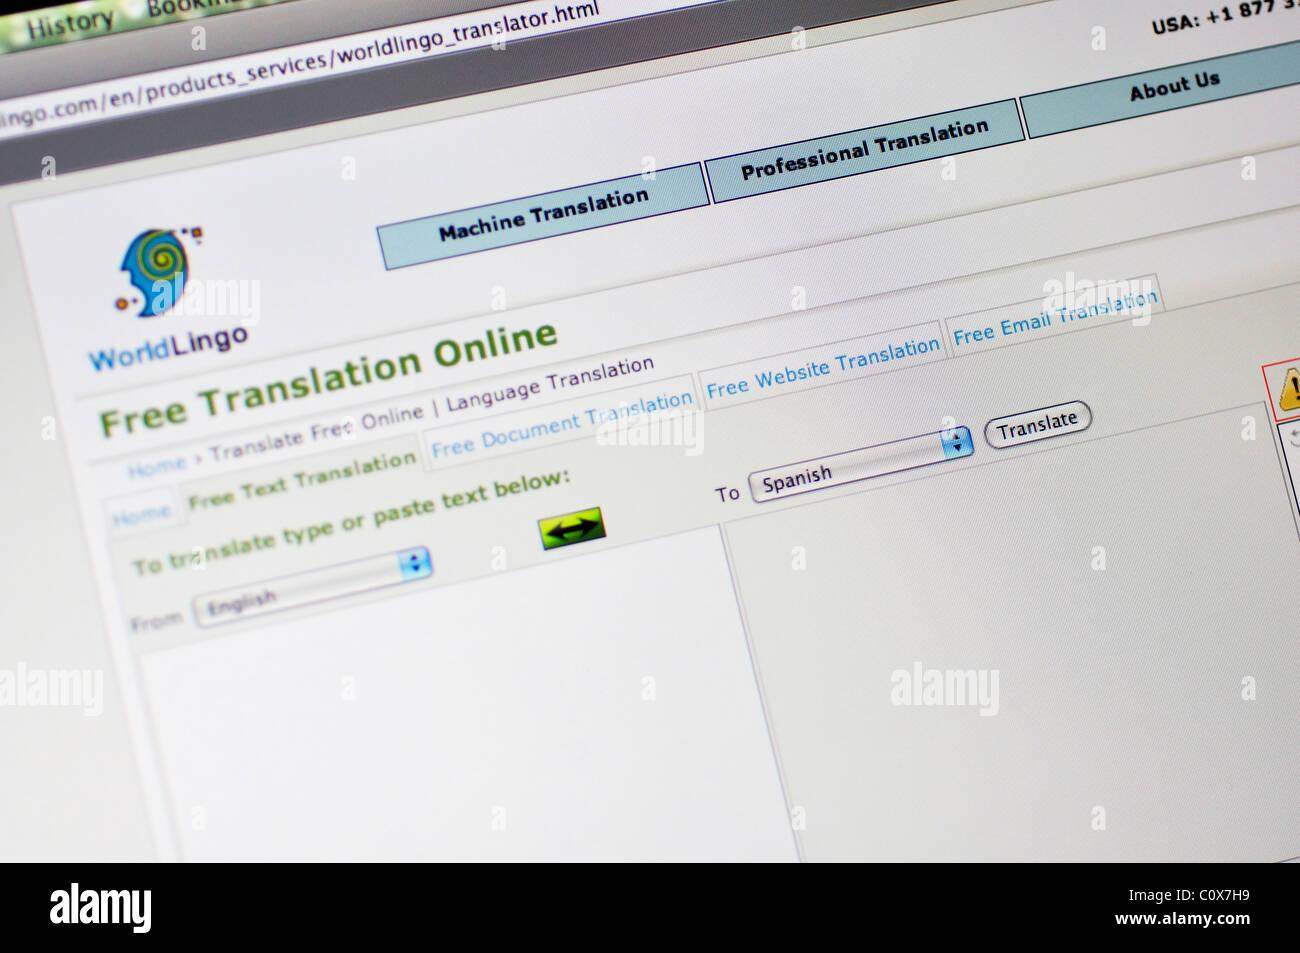 Worldlingo website -  Translation and Localization service - Stock Image